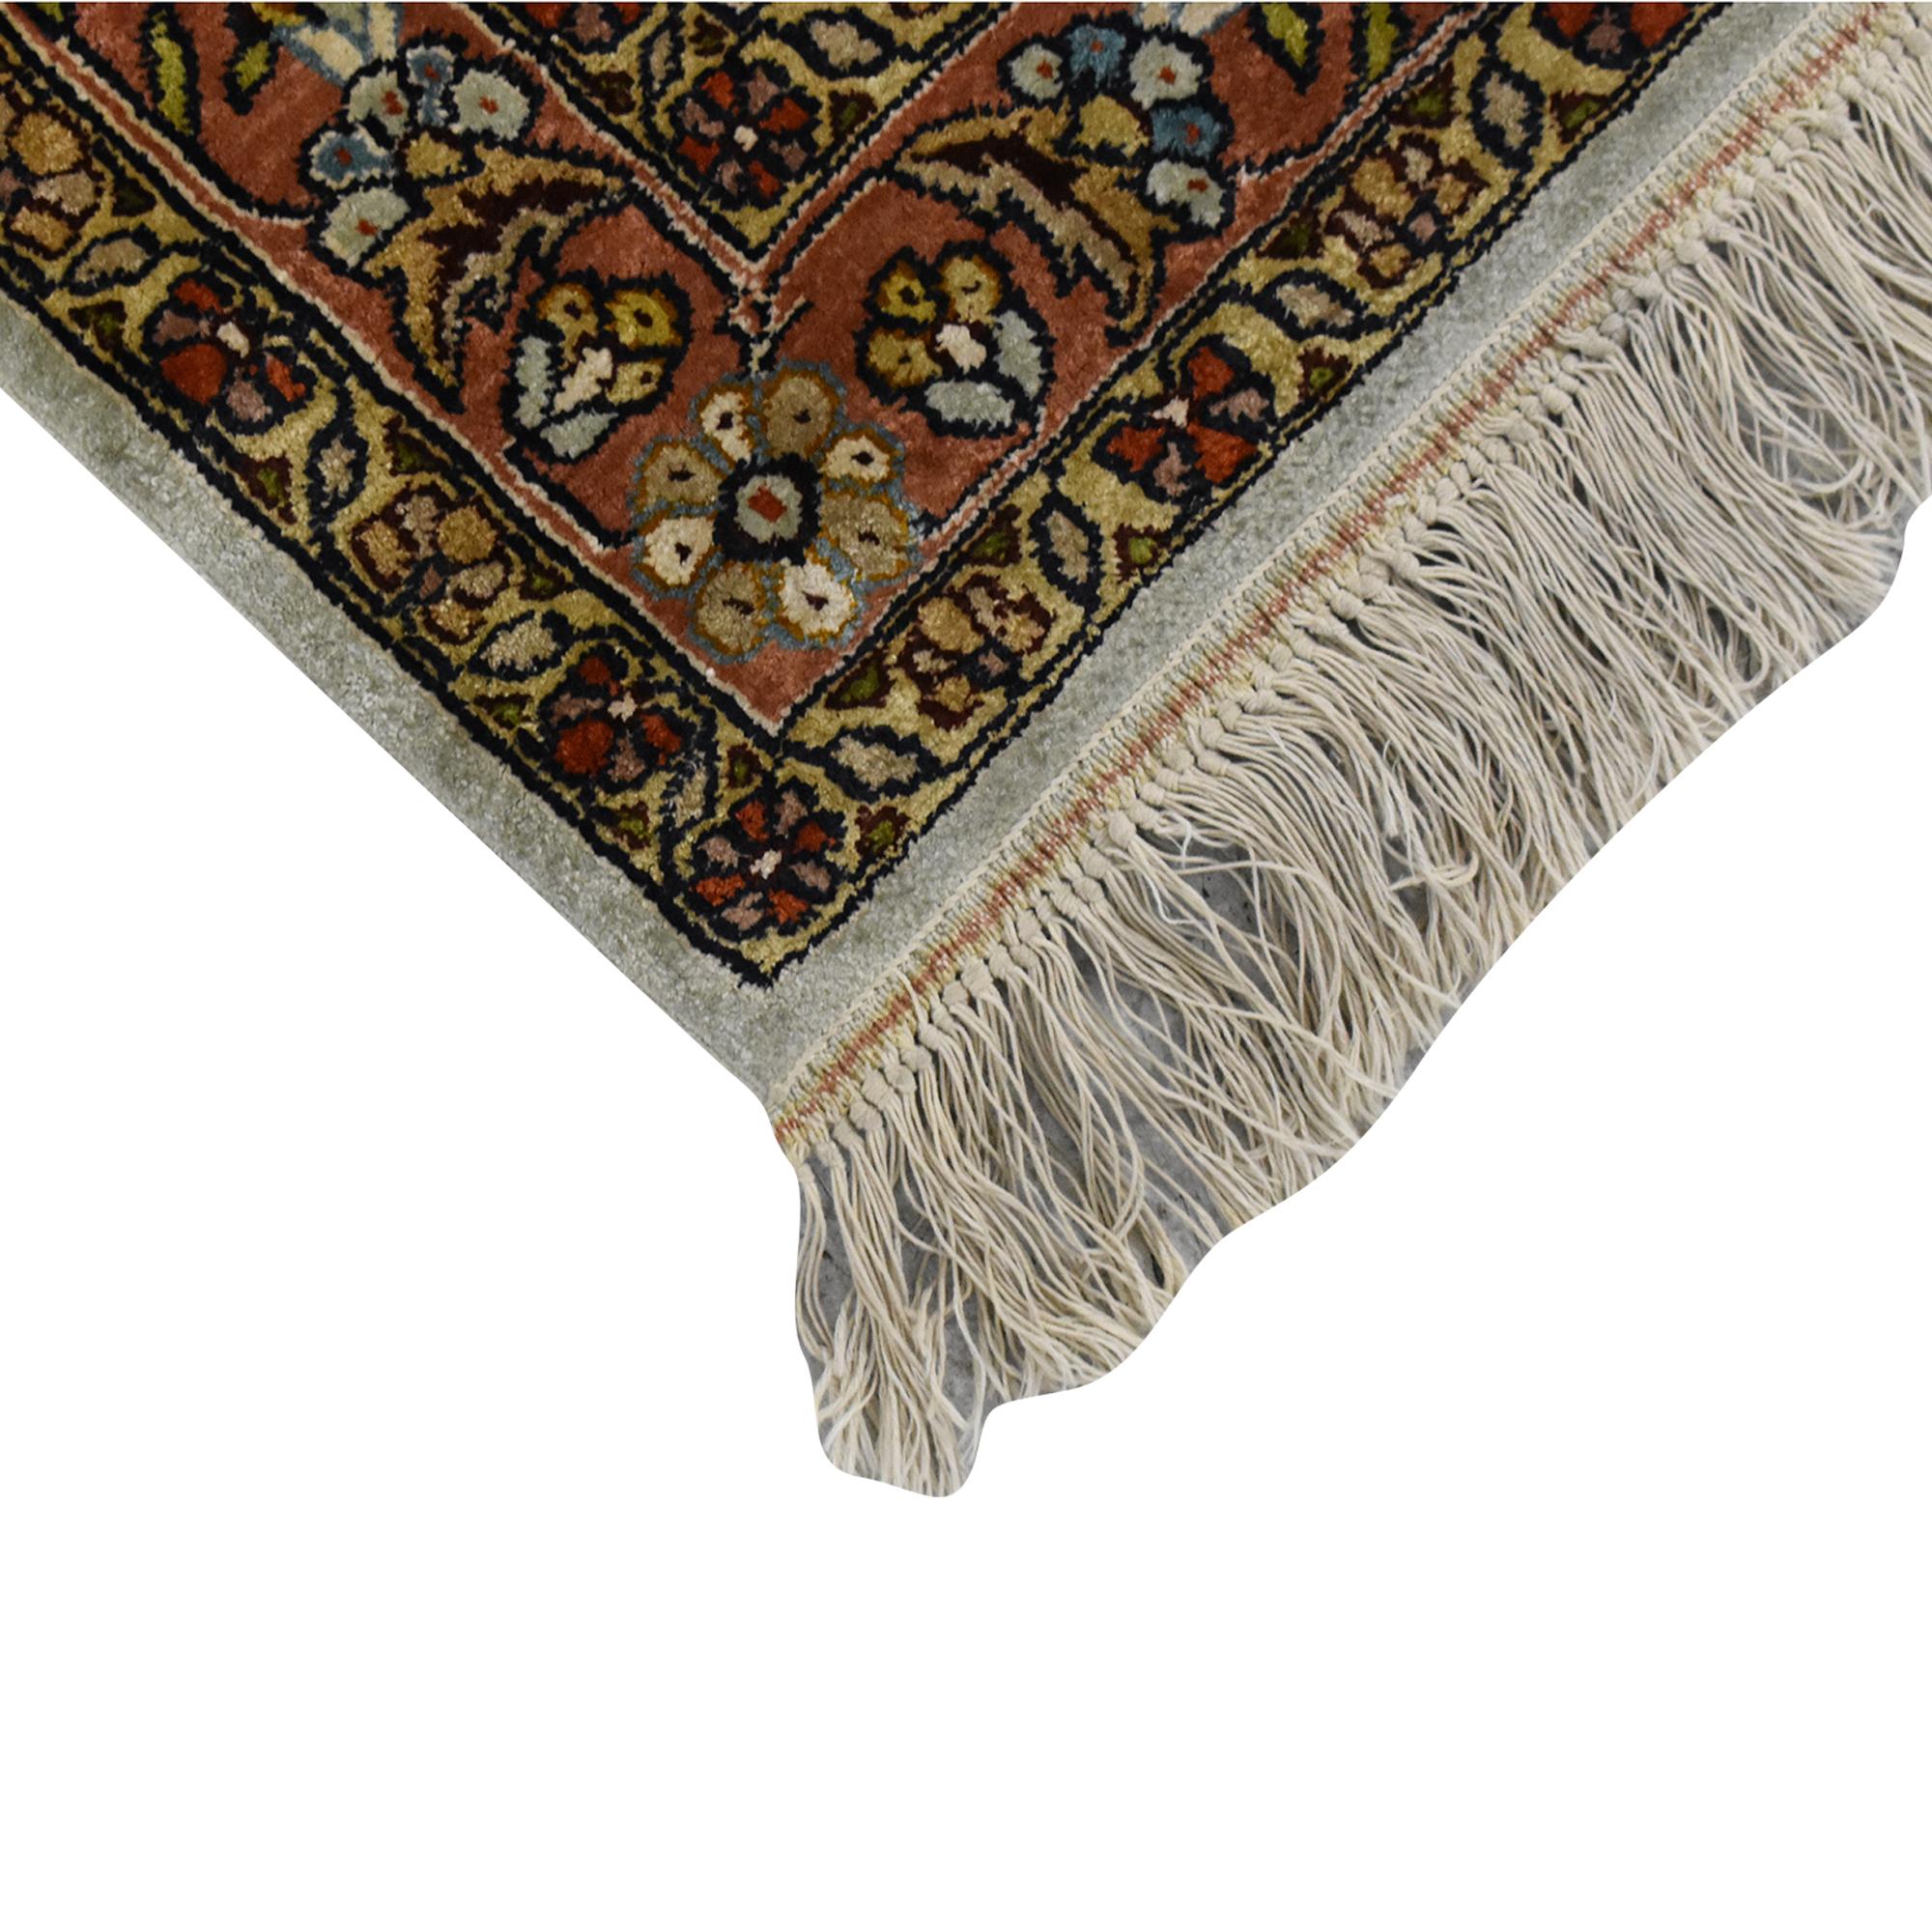 Persian-Style Area Rug ma